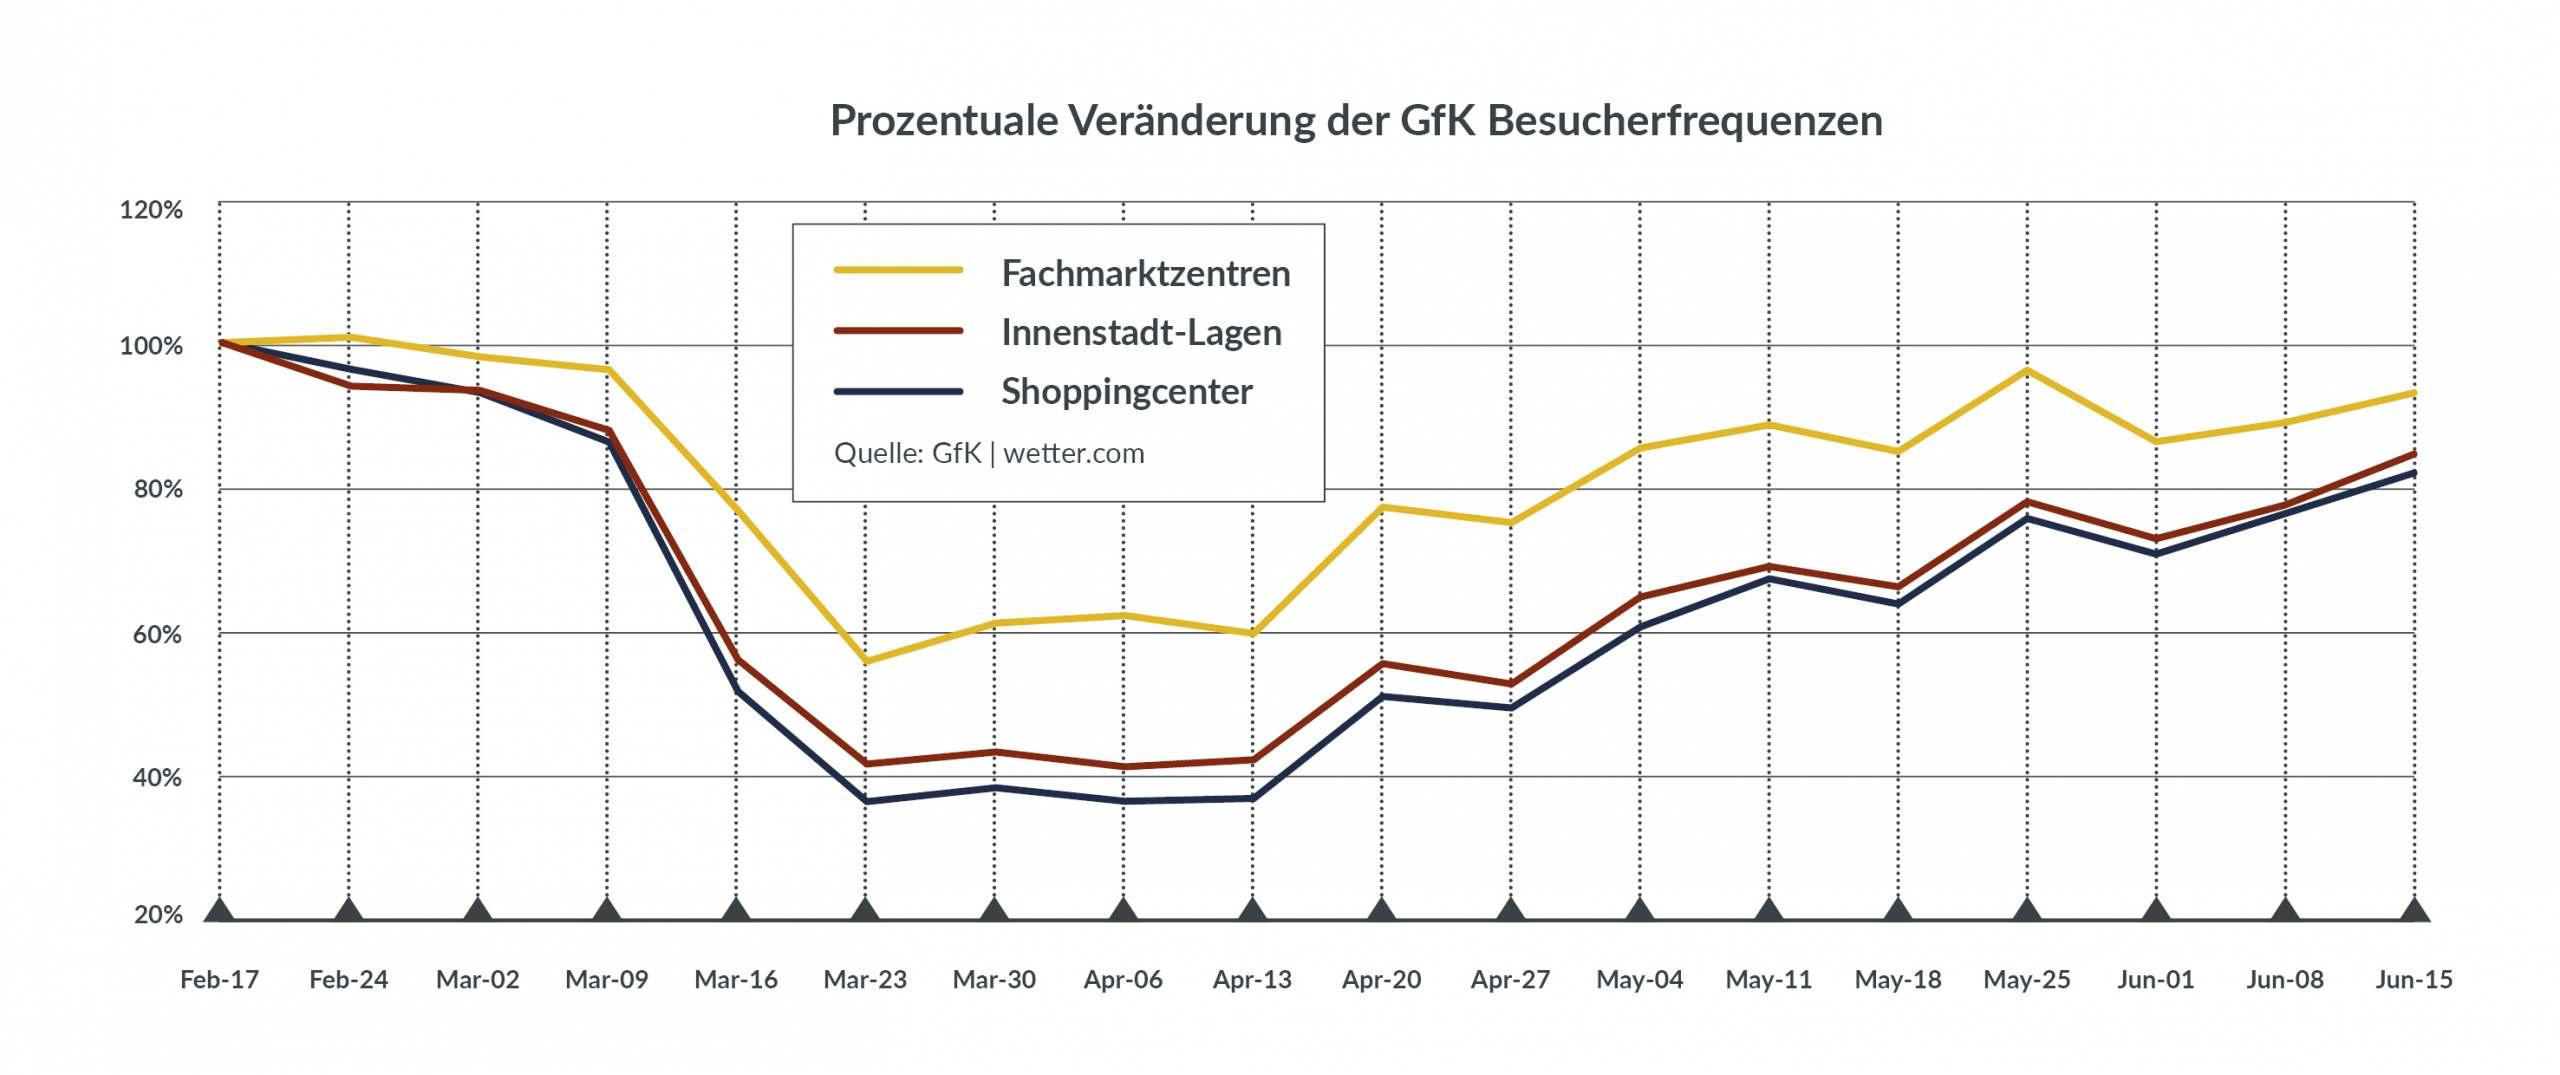 Prozentuale Veränderung der GfK Besucherfrequenz